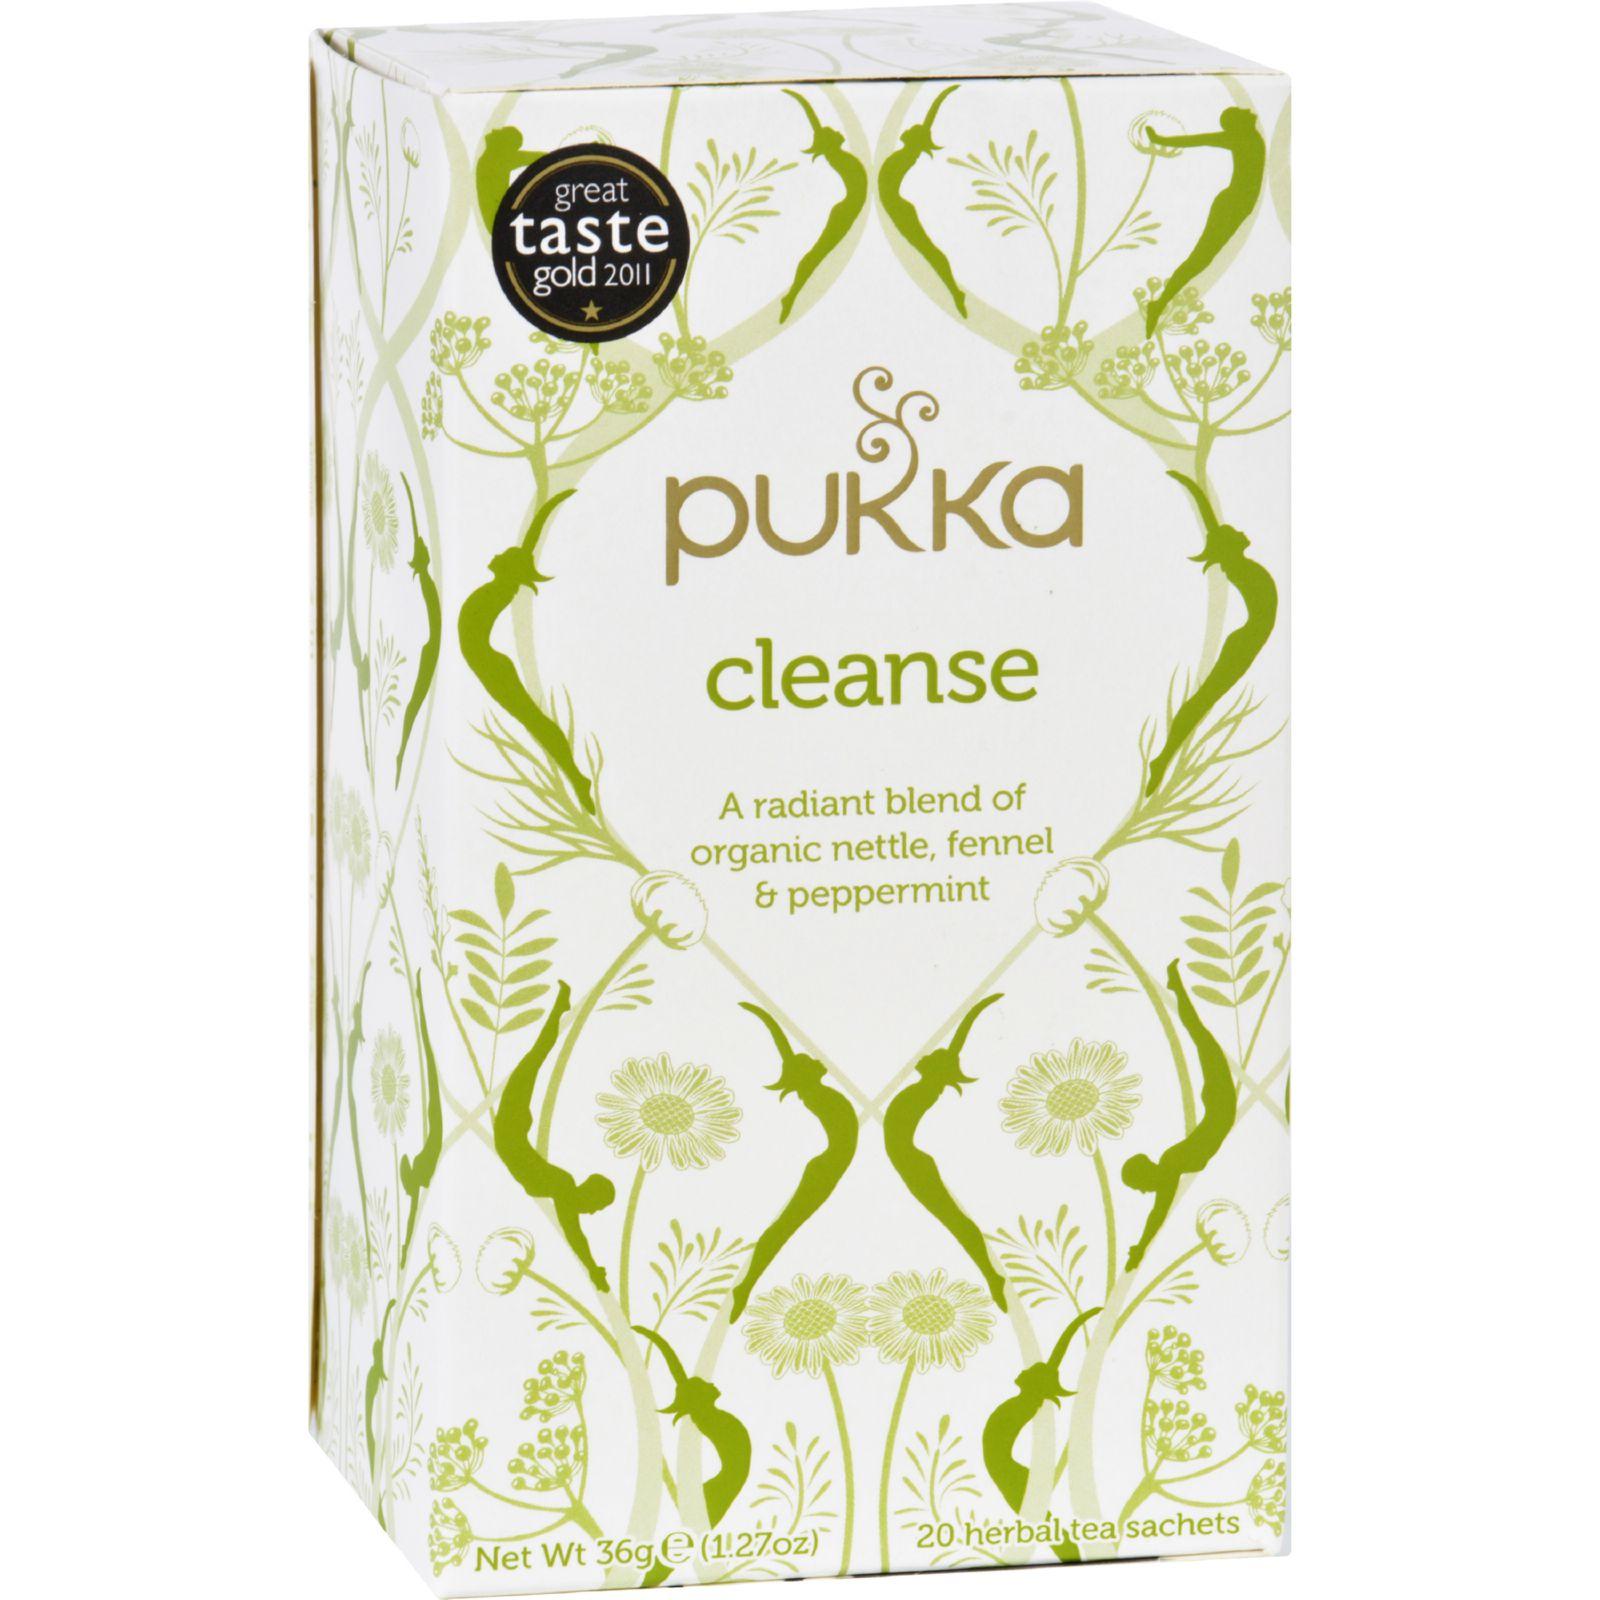 Pukka Herbal Teas Tea - Organic - Herbal - Cleanse - 20 B...